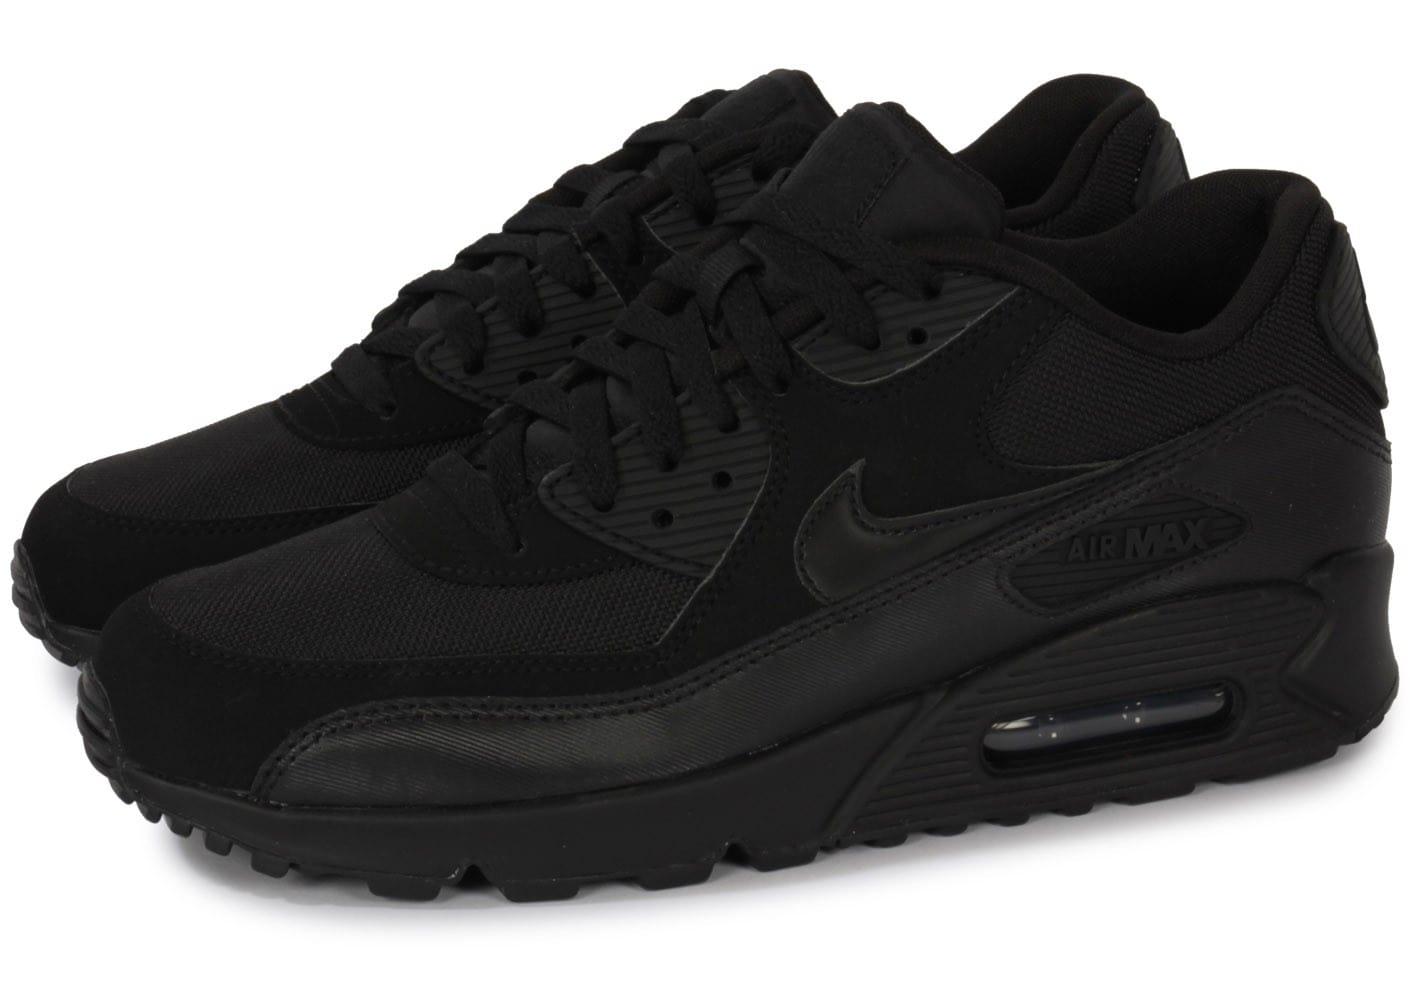 f9318d9d25ac43 Prix de gros air max 90 noir homme pas cher France vente en ligne, toutes  les gammes de chaussures Nike pour hommes et femmes outlet pas cher.